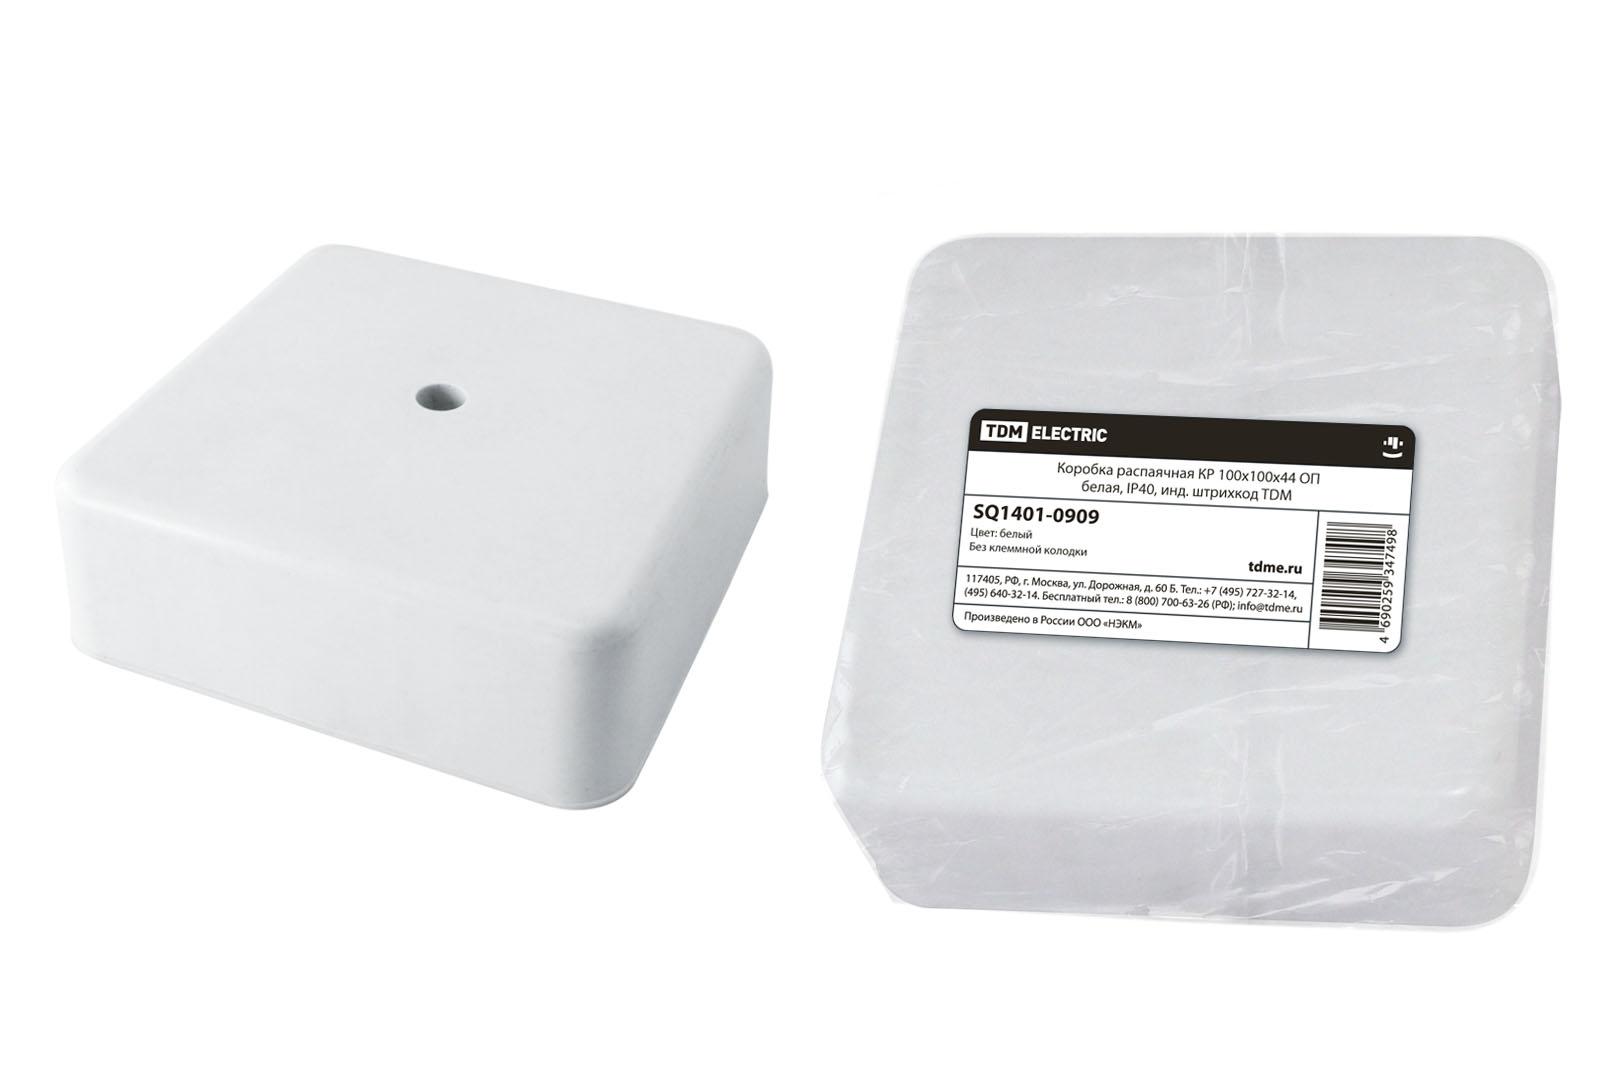 Фото Коробка распаячная КР 100х100х44 ОП белая, IP40, инд. штрихкод TDM {SQ1401-0909}